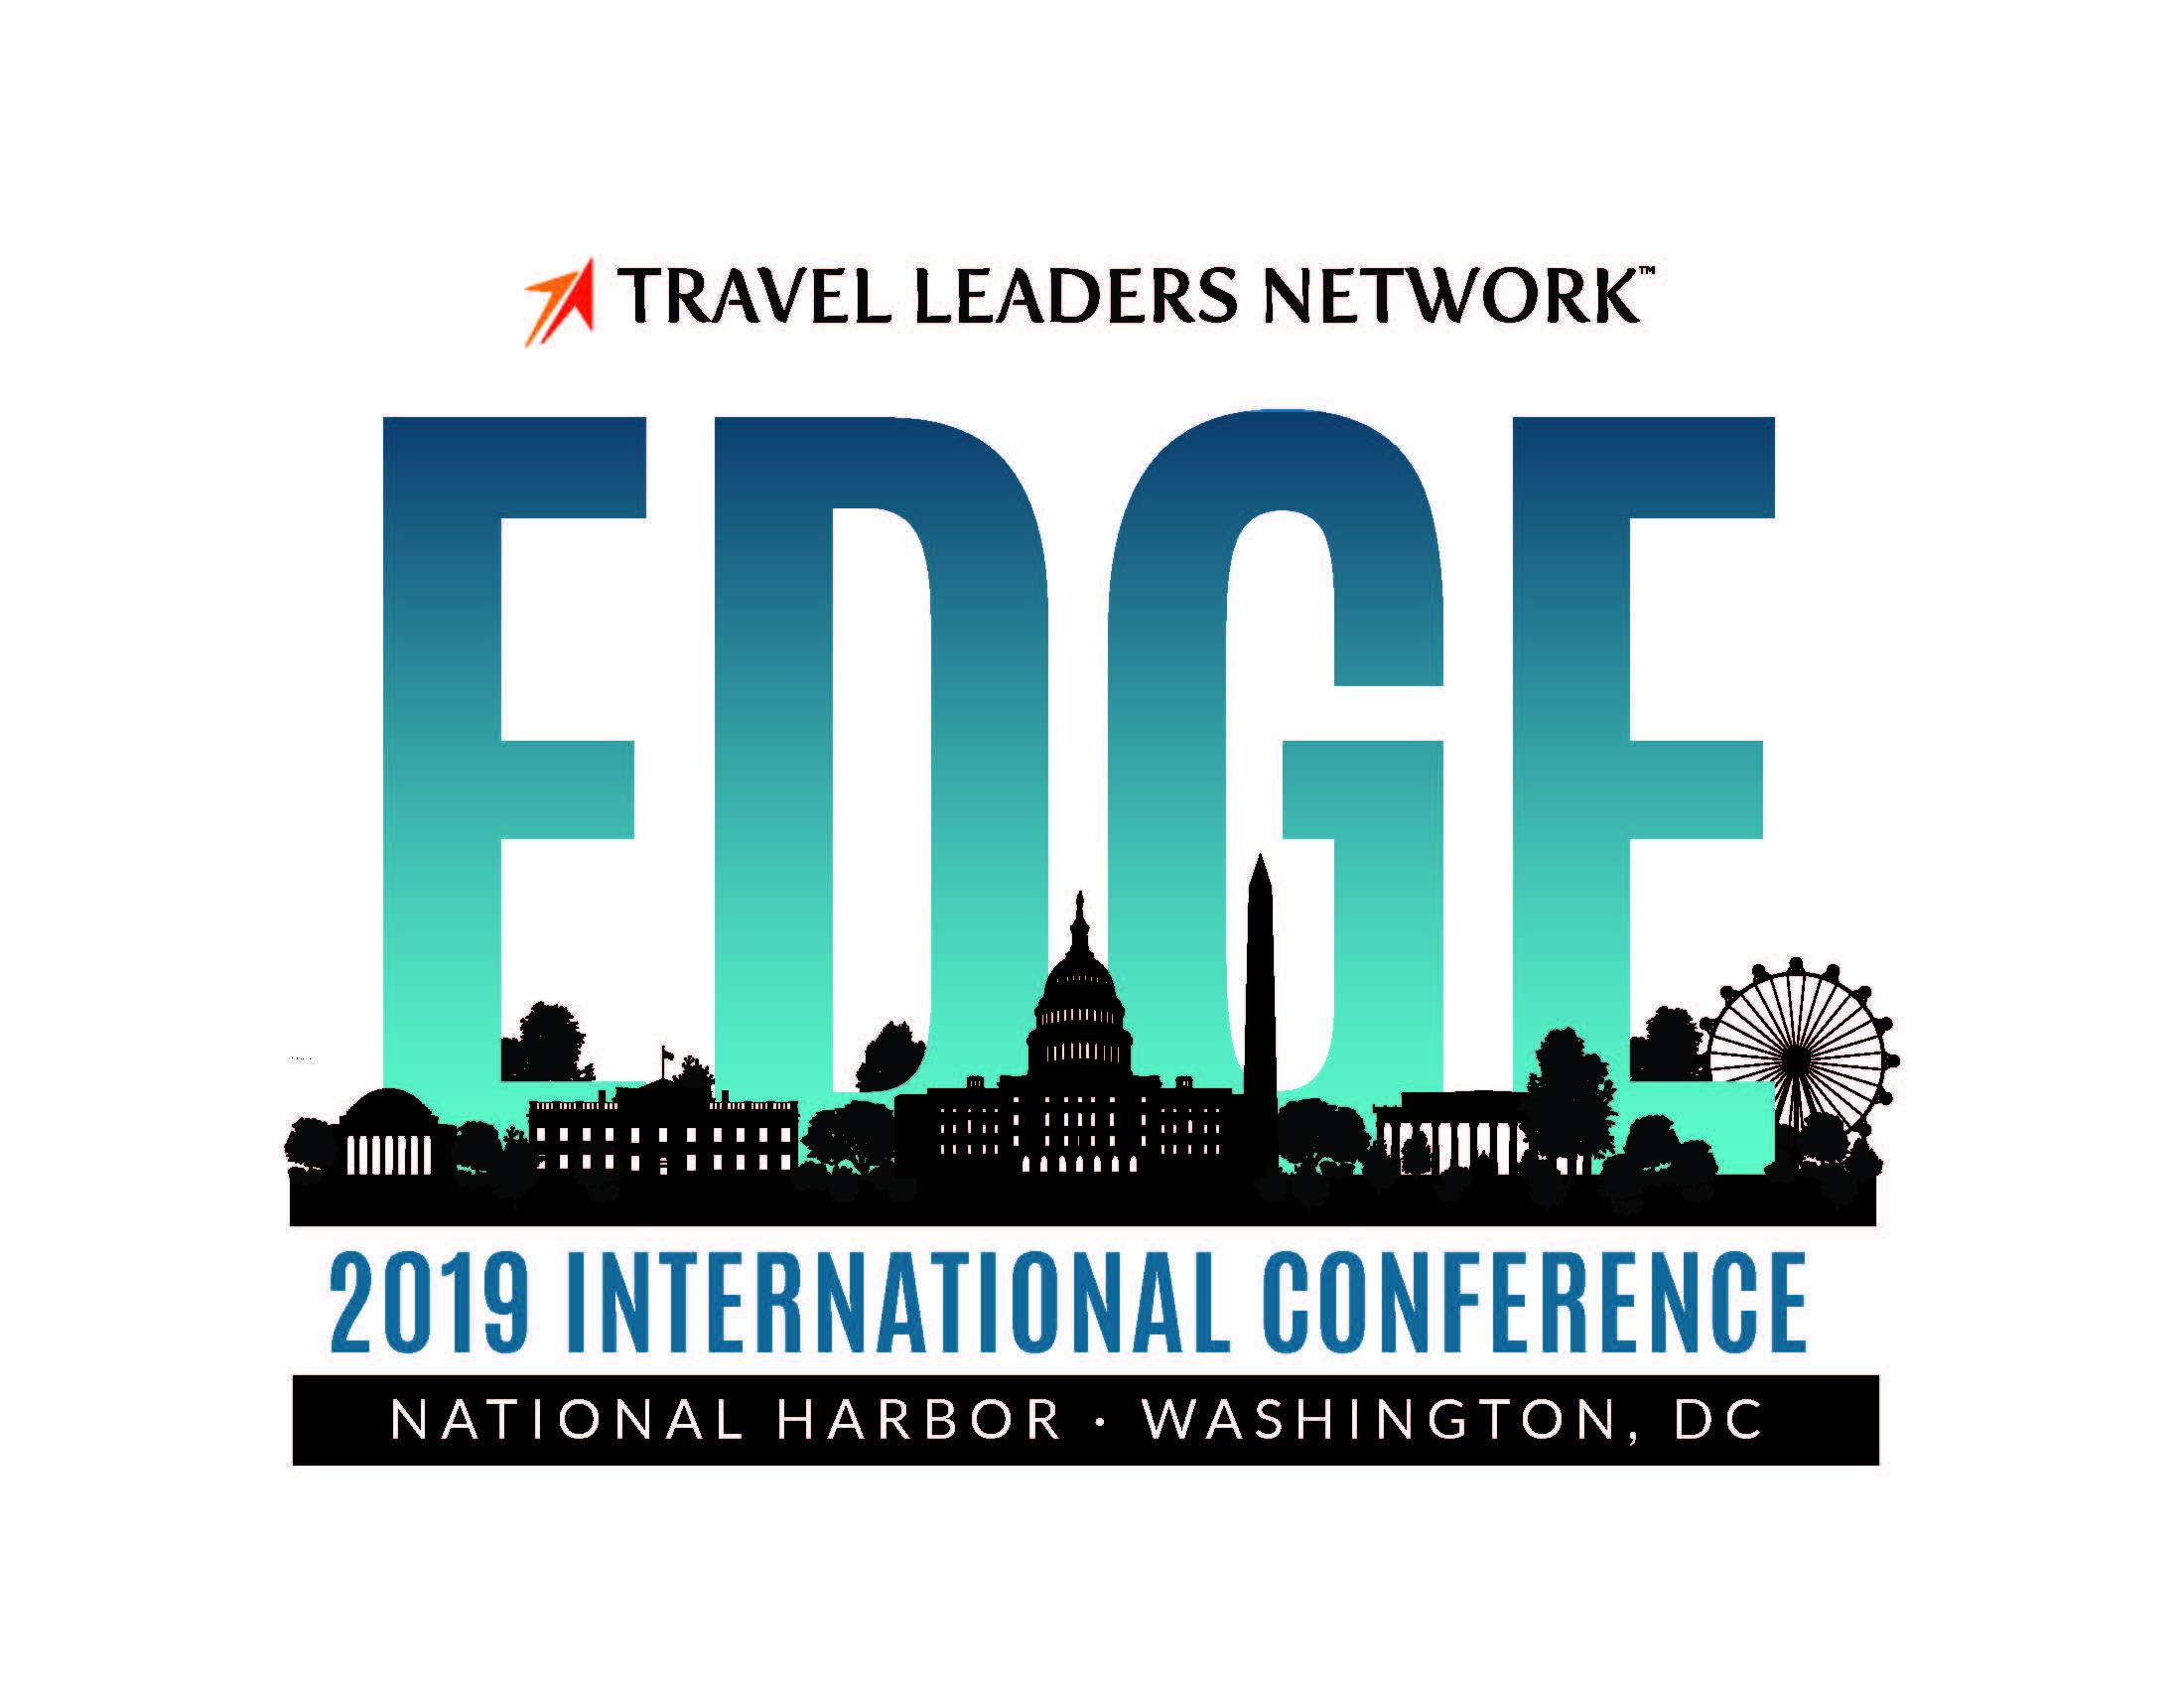 EDGE2019-logo With TLN logo